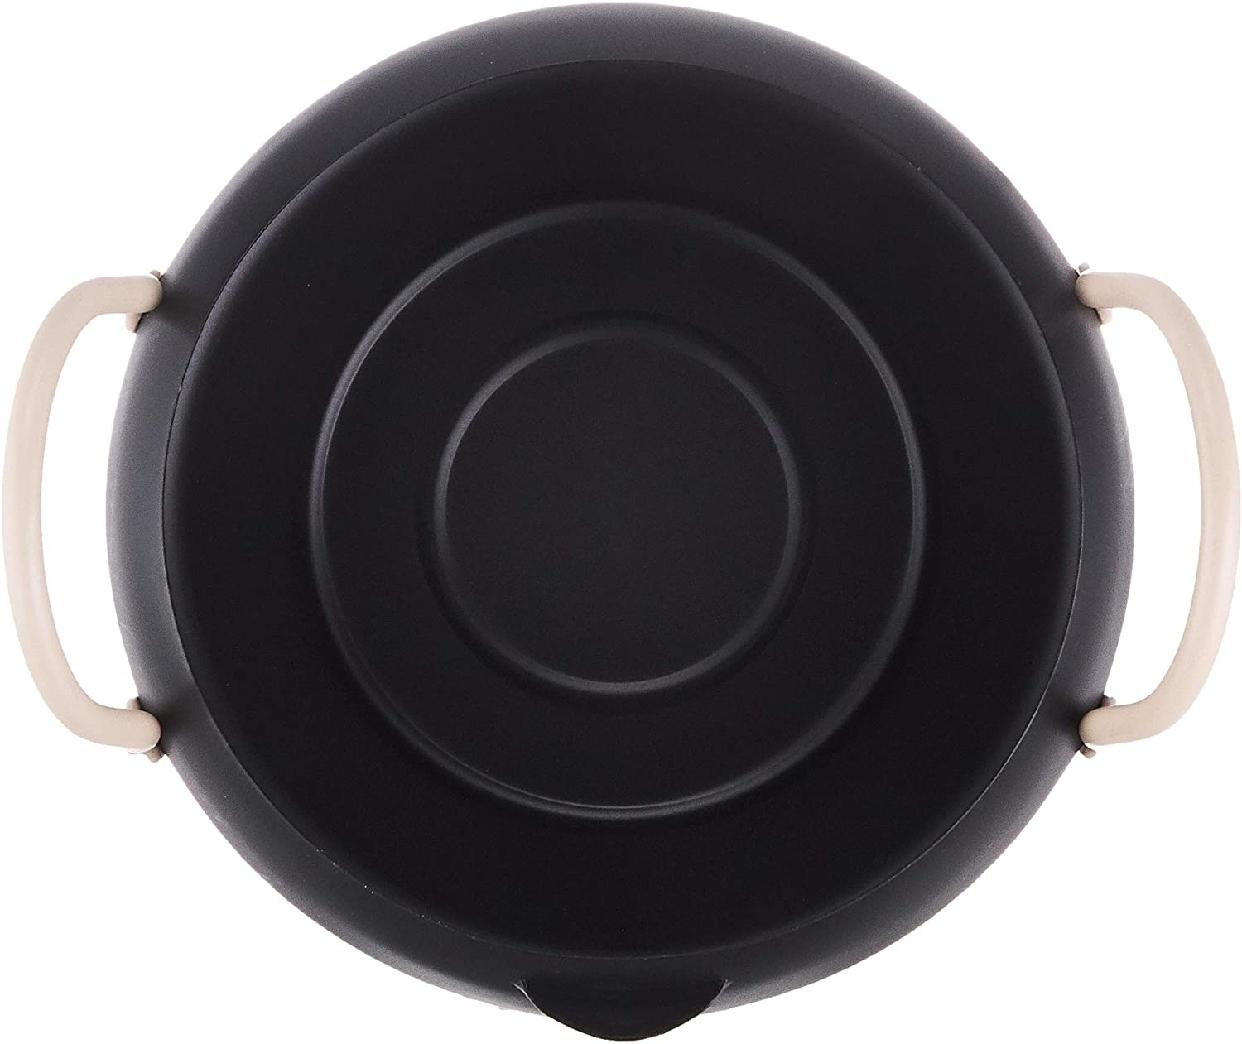 パール金属(PEARL) オベ・フラ お弁当用鉄製蓋付両手フライ鍋16cm ブラック HB-283の商品画像3